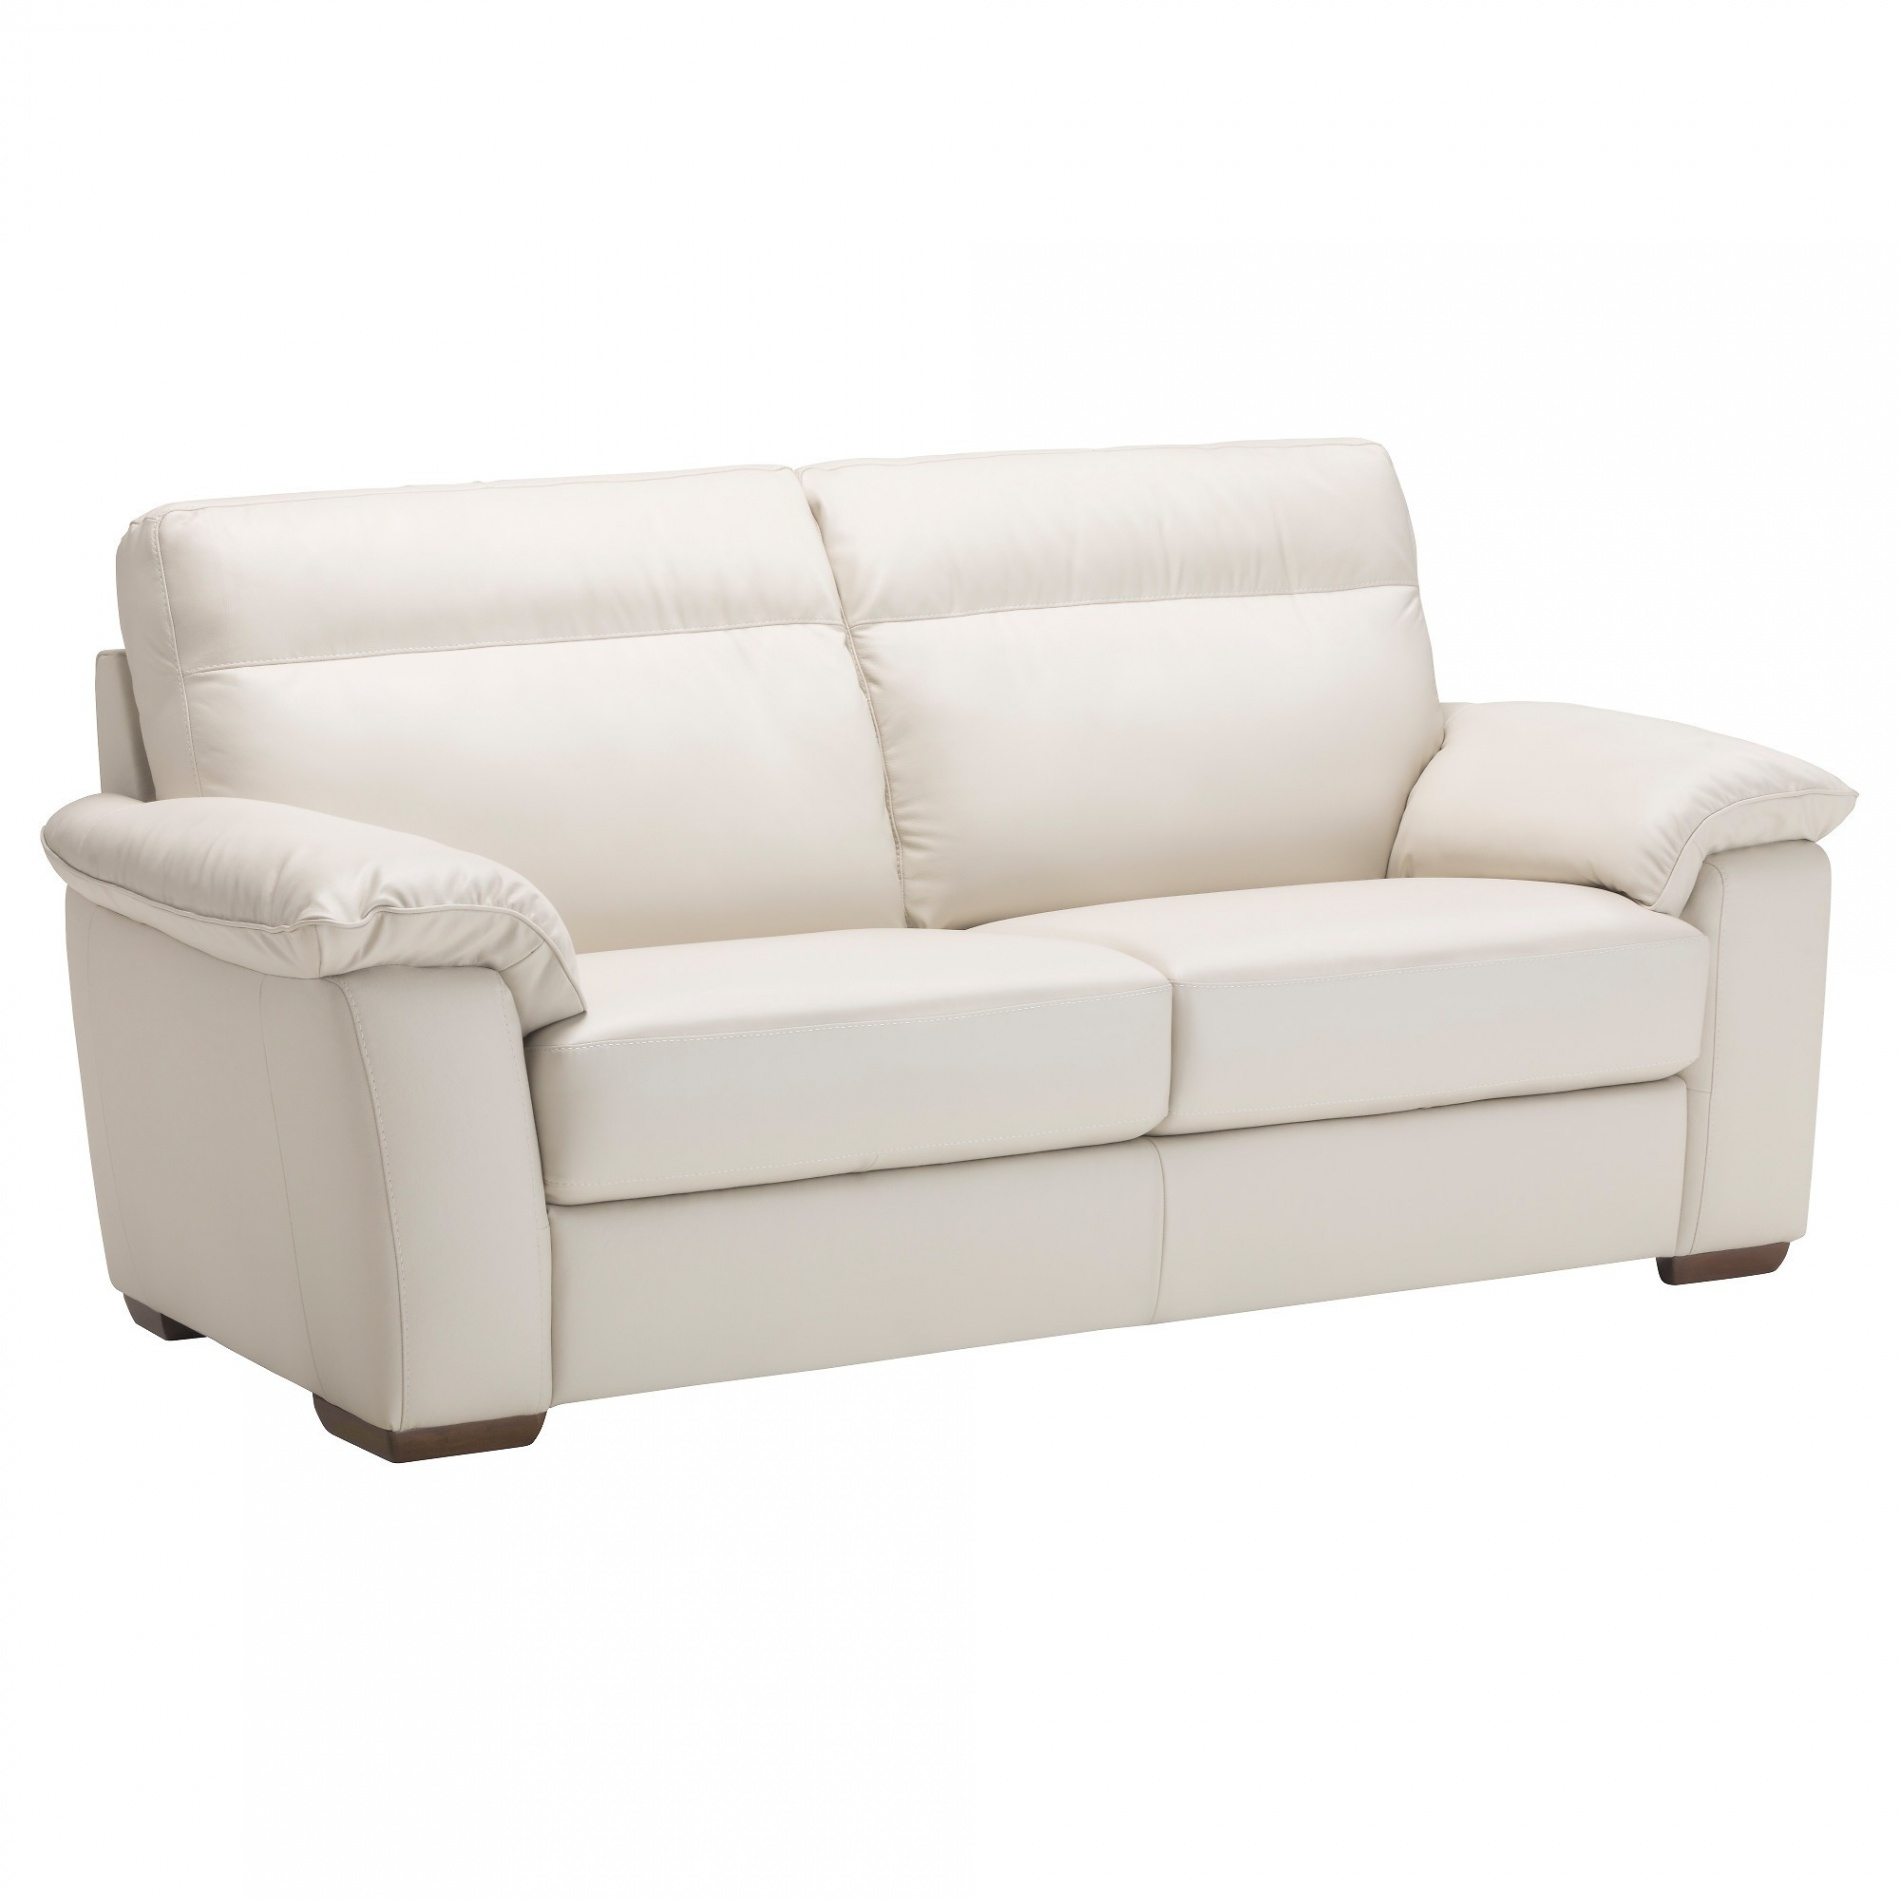 Housse Canape Ikea Ancien Modele Beau Photos Canapé Blanc Convertible — Laguerredesmots